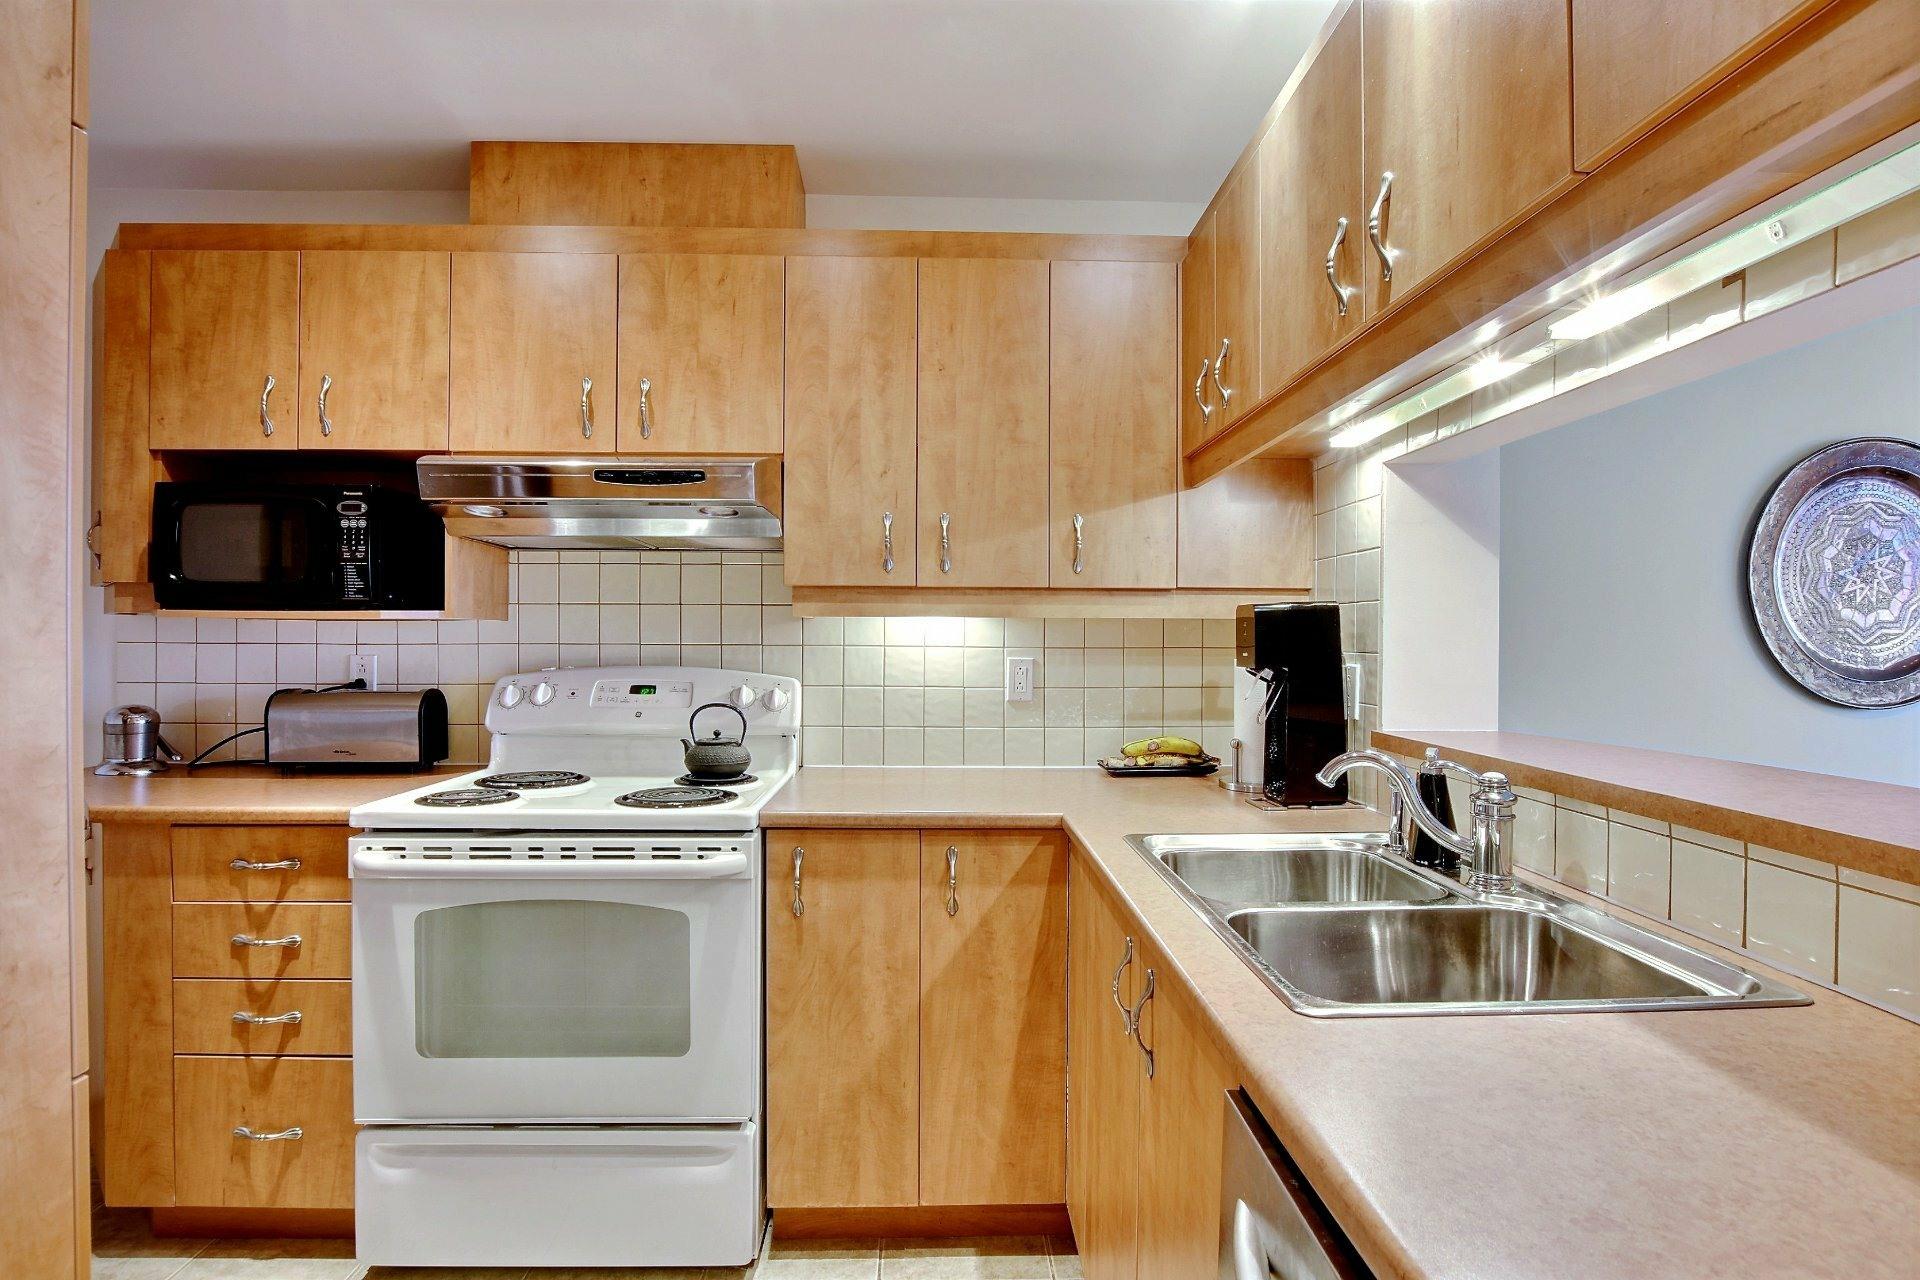 image 8 - Appartement À vendre Verdun/Île-des-Soeurs Montréal  - 5 pièces